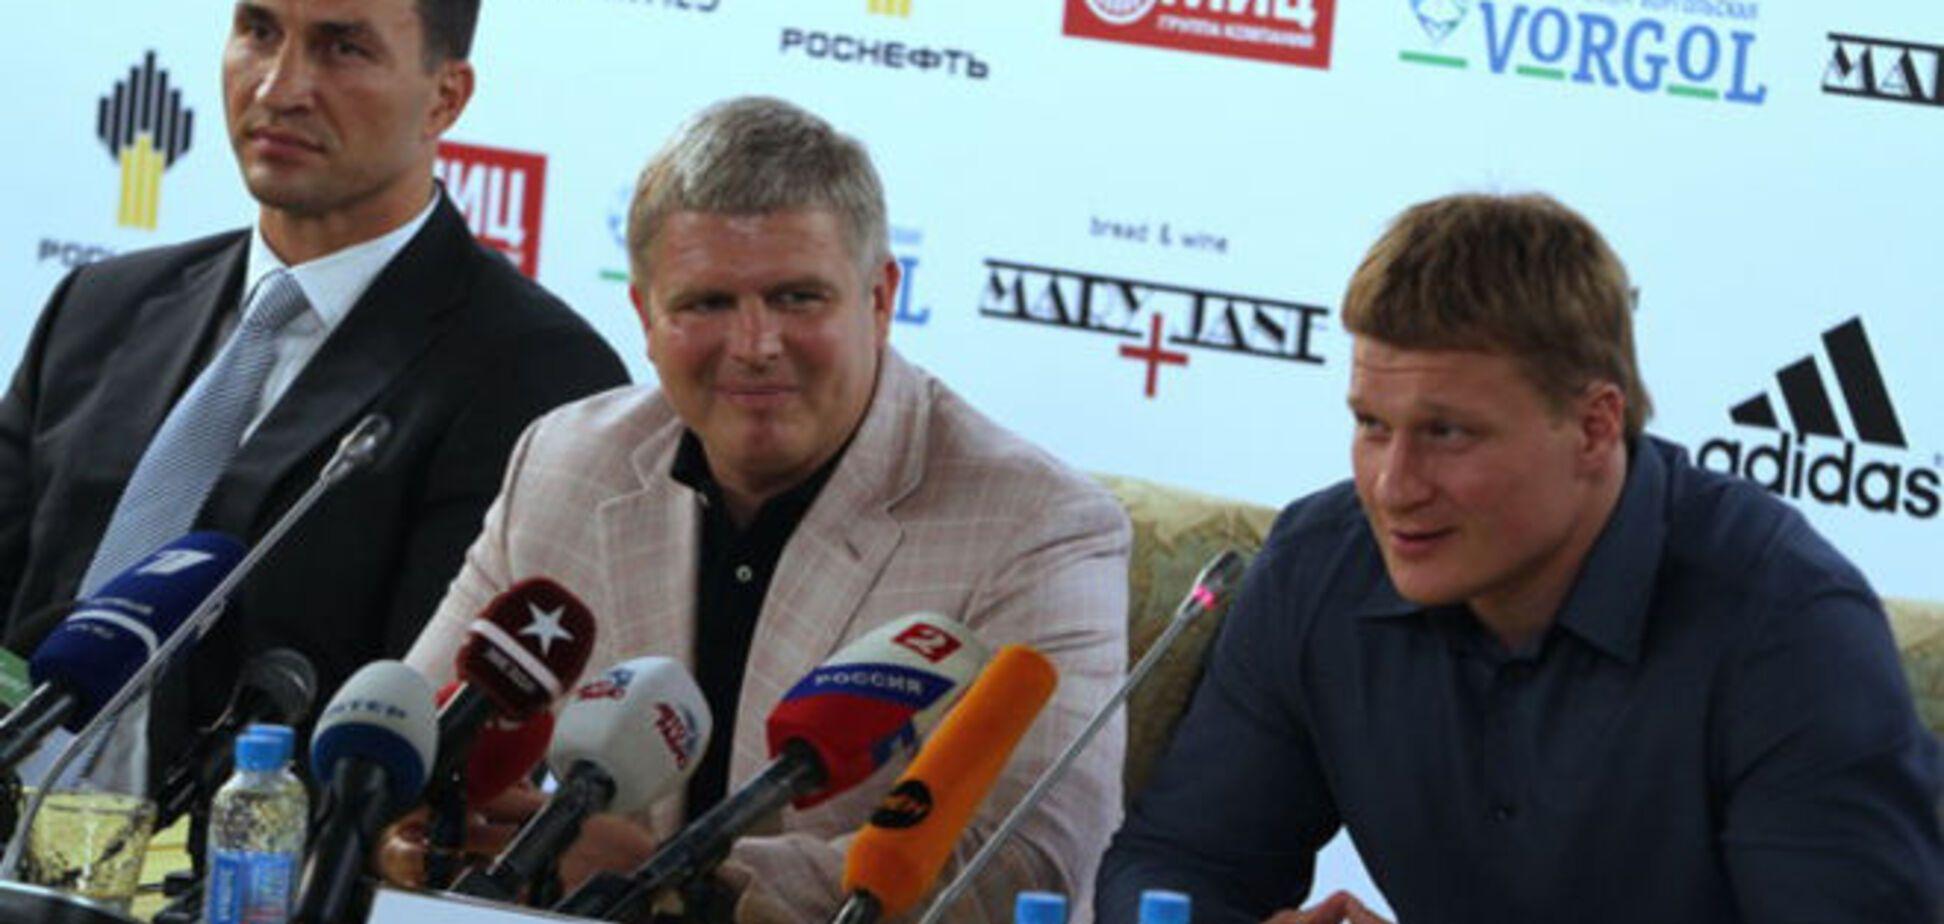 В России болезненно реагируют на реванш Кличко - Поветкин